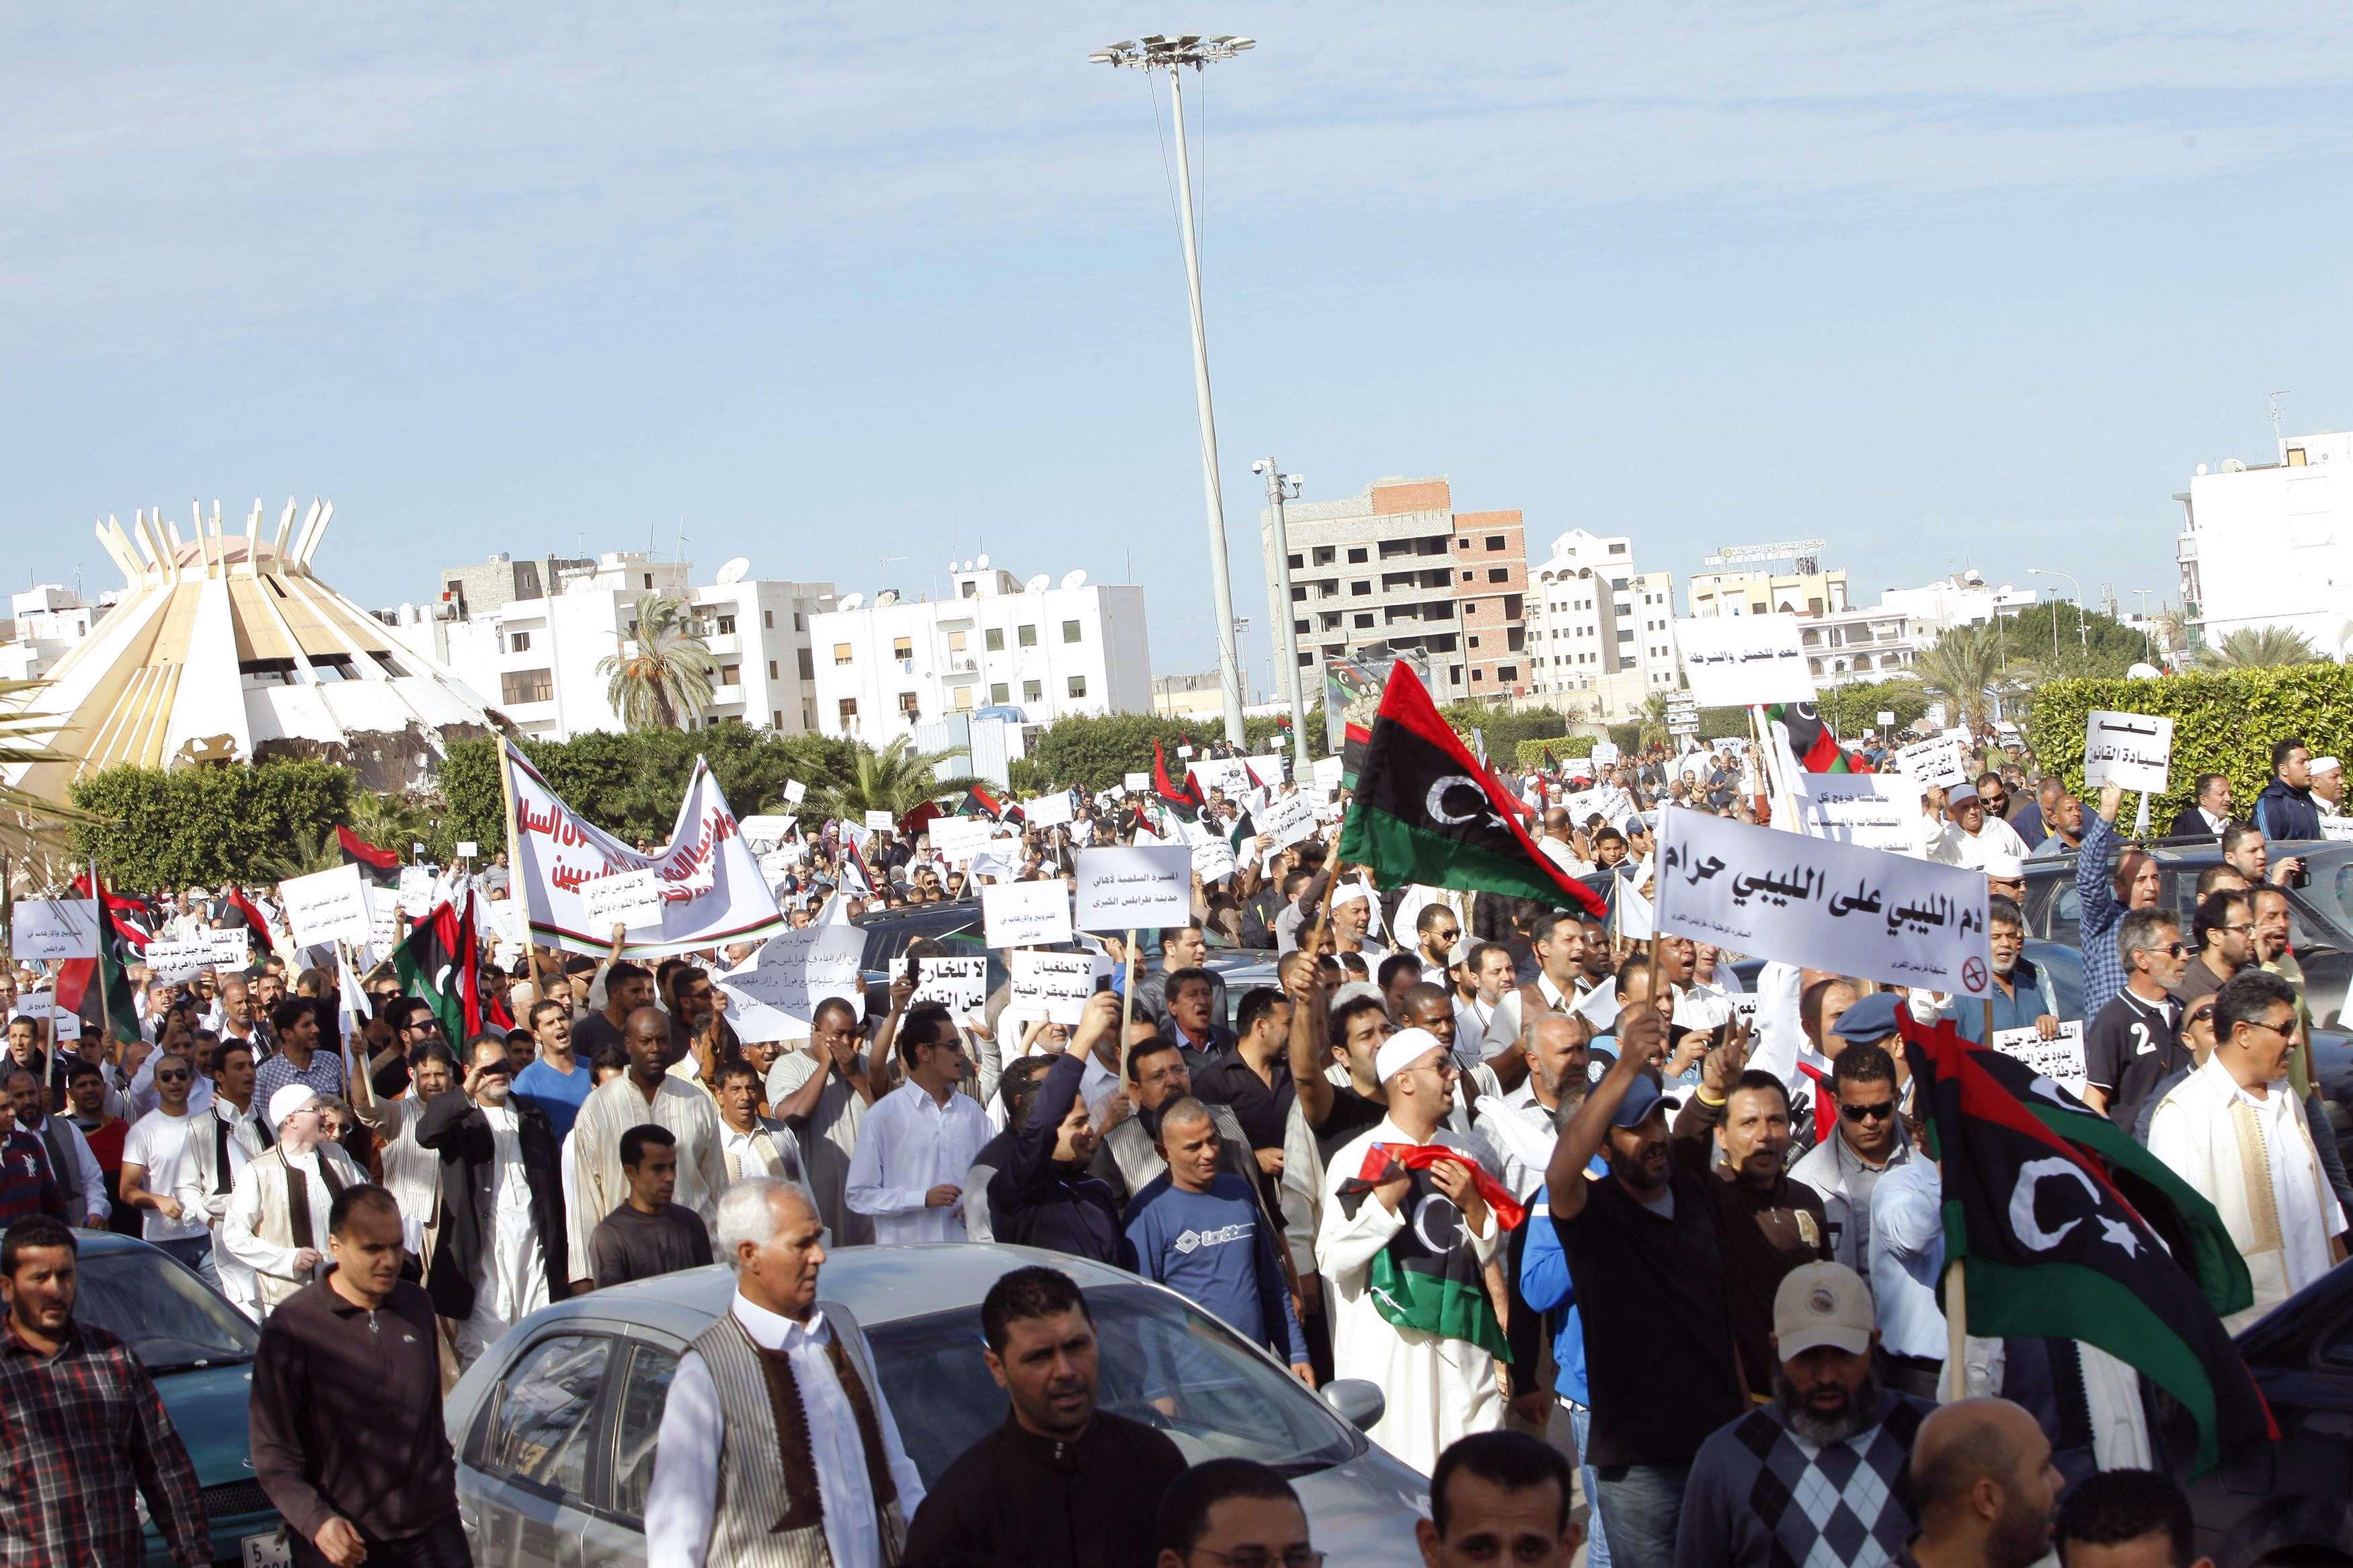 هيومان رايتس واتش: ليبيا عاجزة عن إرساء سيادة القانون وحماية حقوق المواطنين